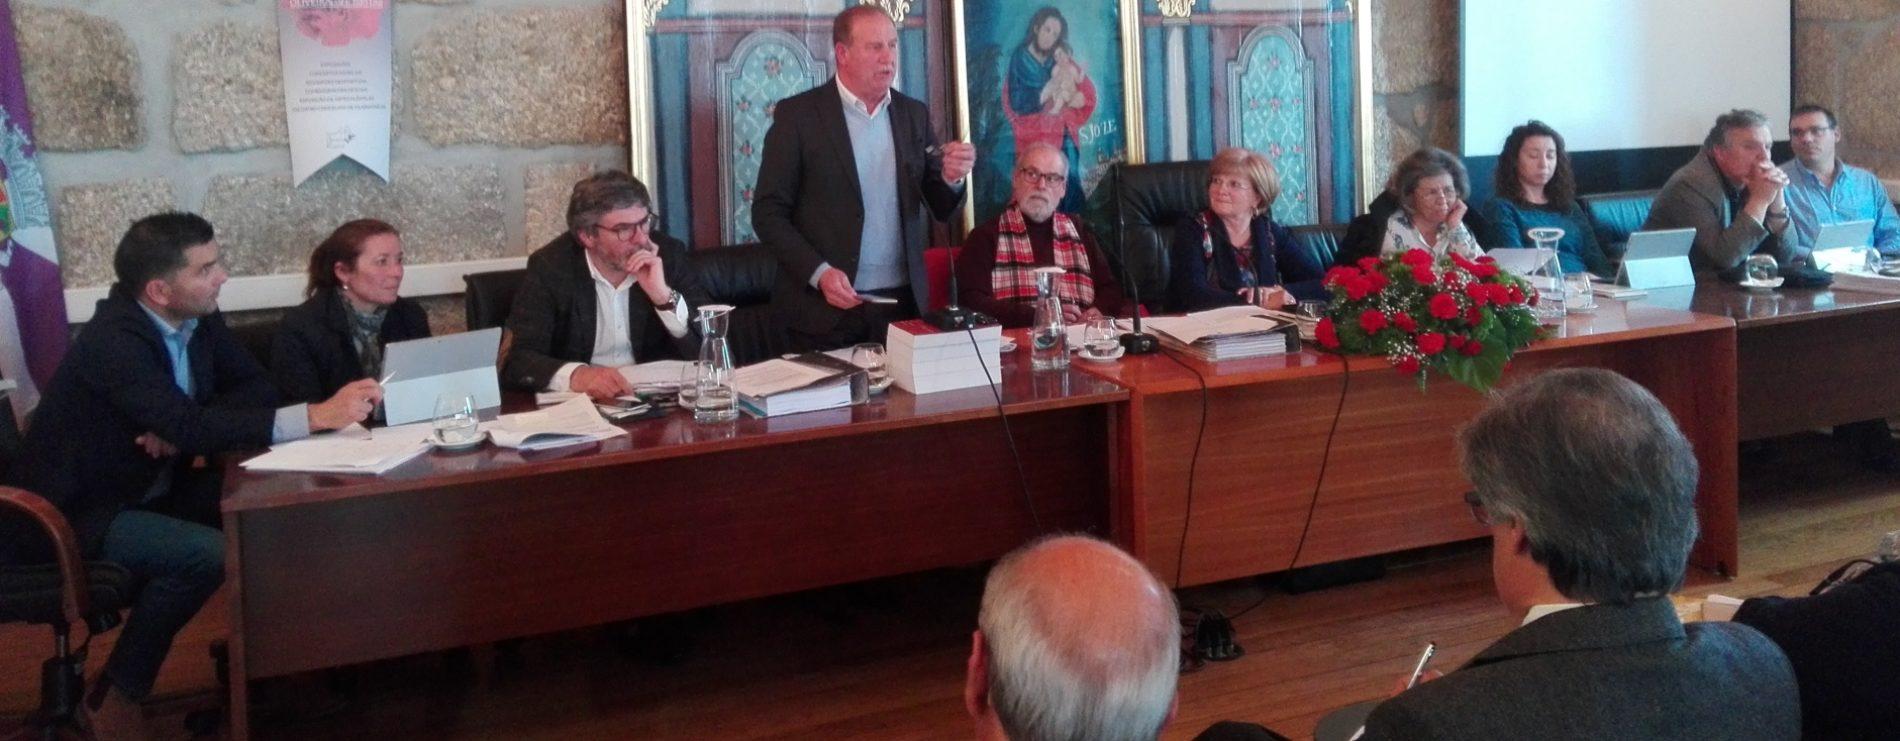 Assembleia Municipal de Oliveira do Hospital reúne hoje em sessão extraordinária